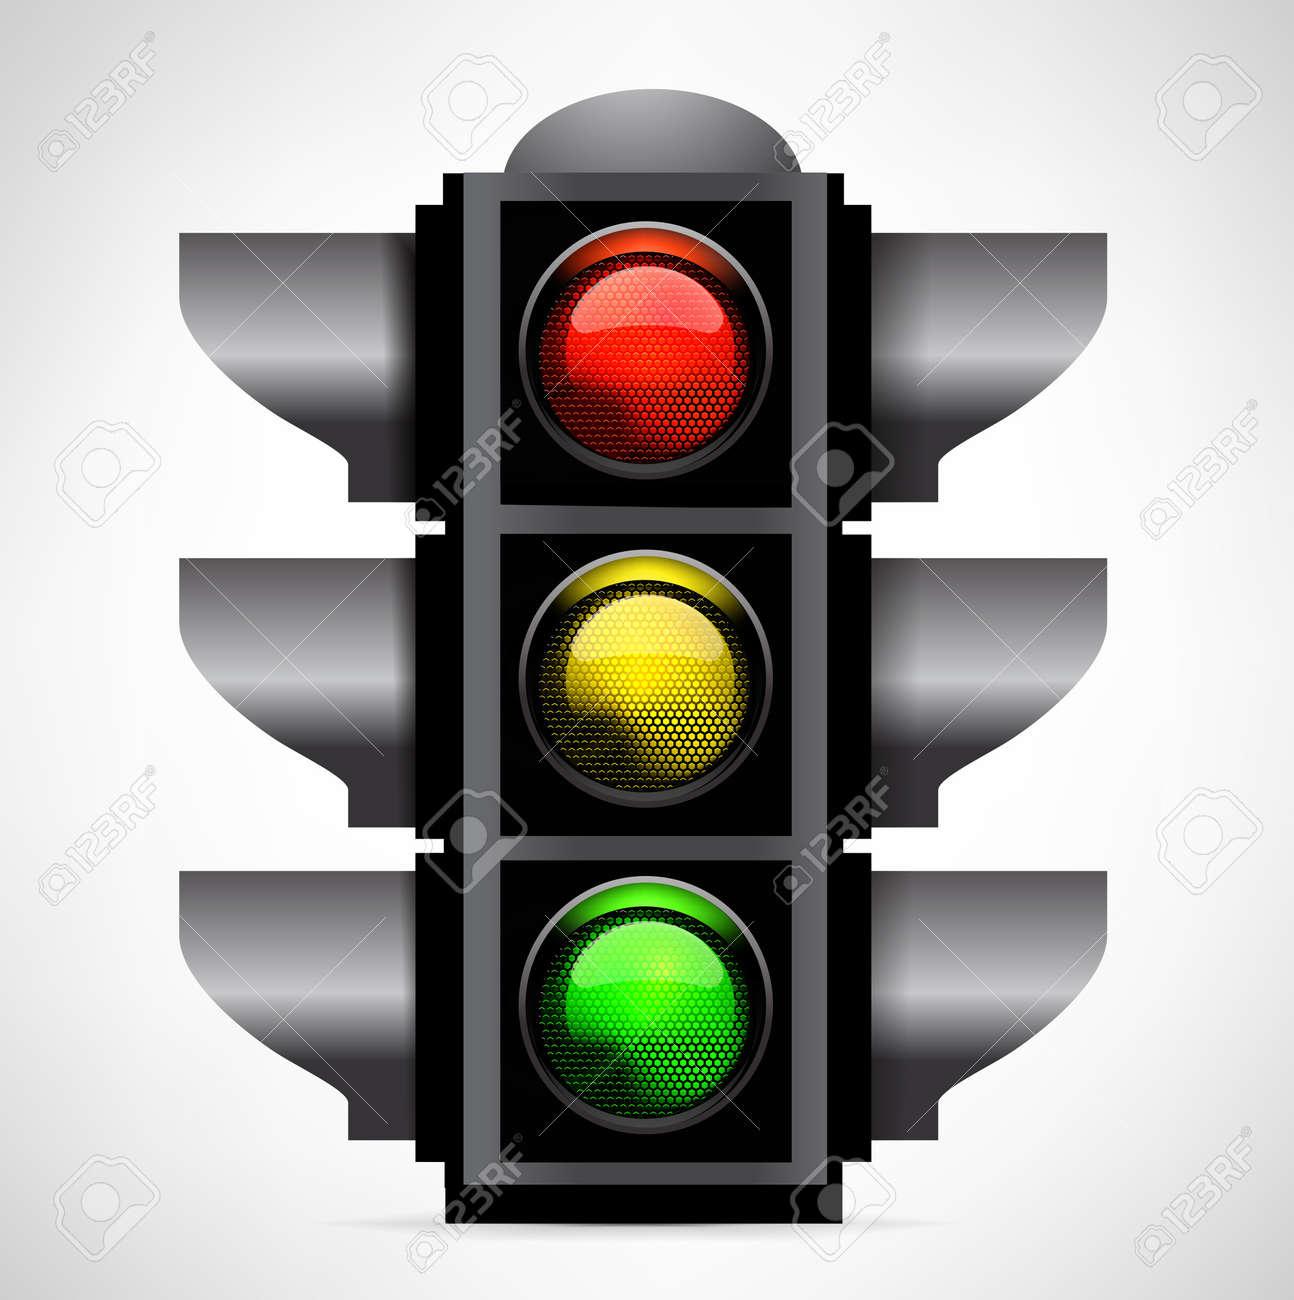 traffic lights Stock Vector - 19569585